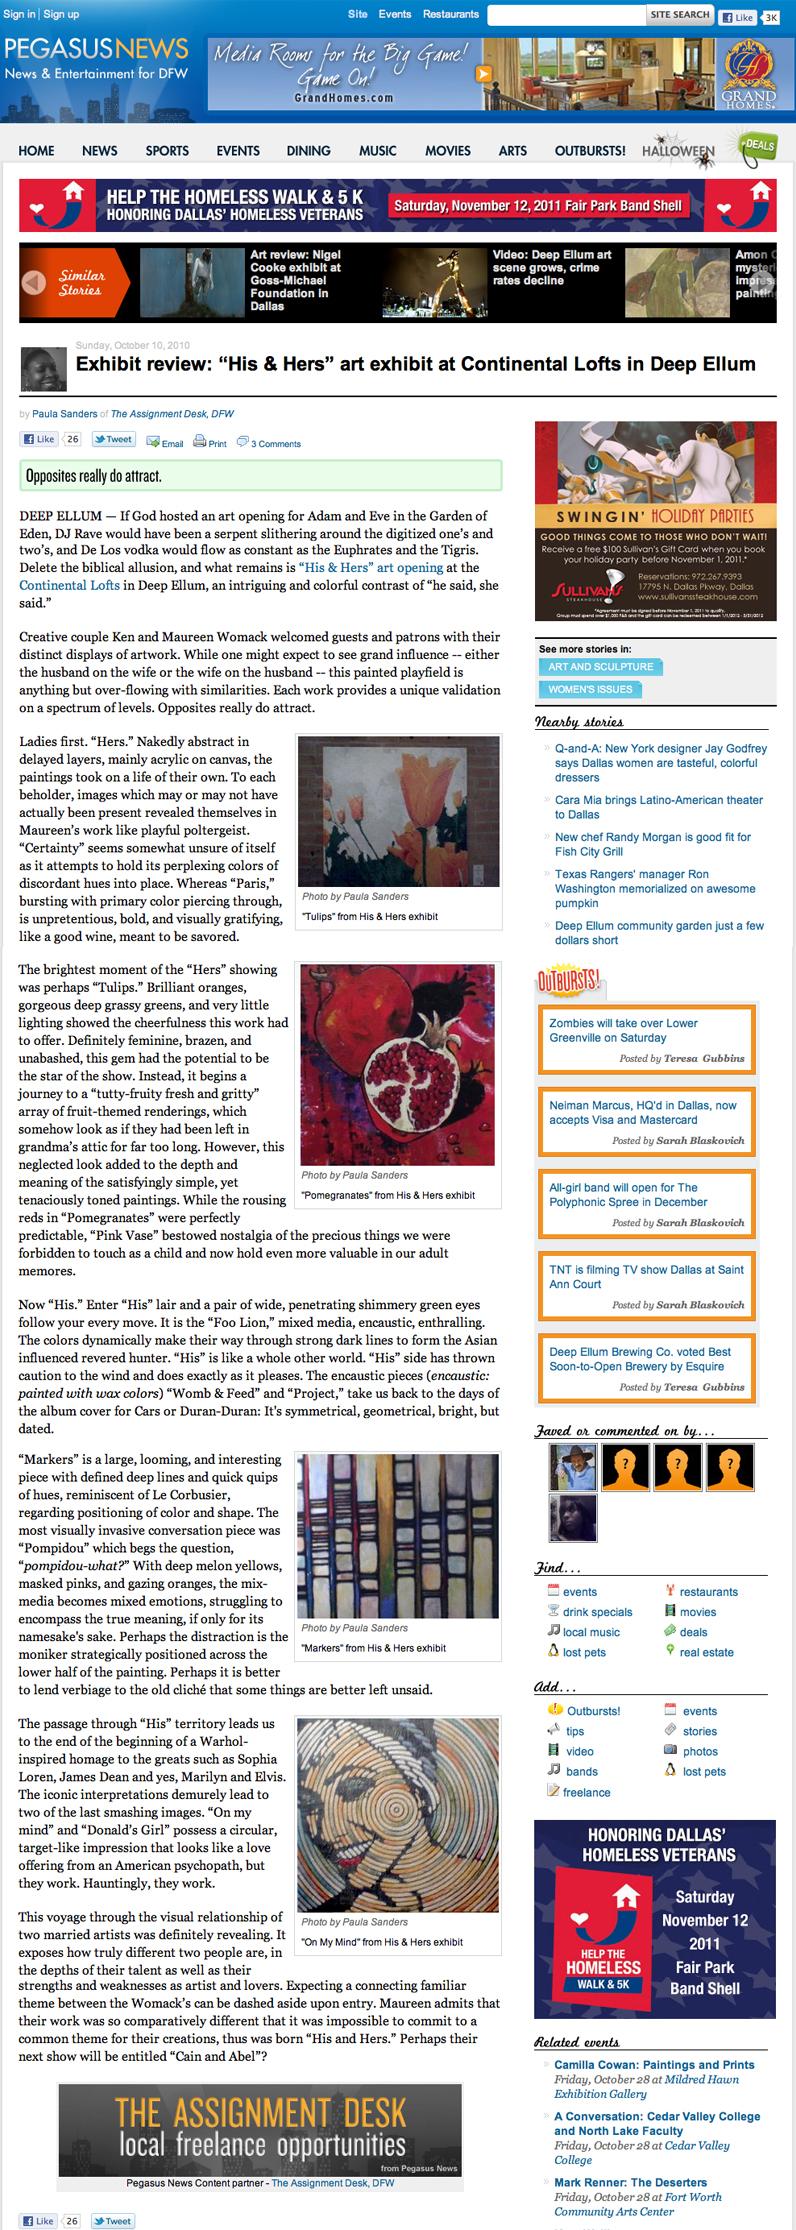 cc.womack.pegasus.news.press